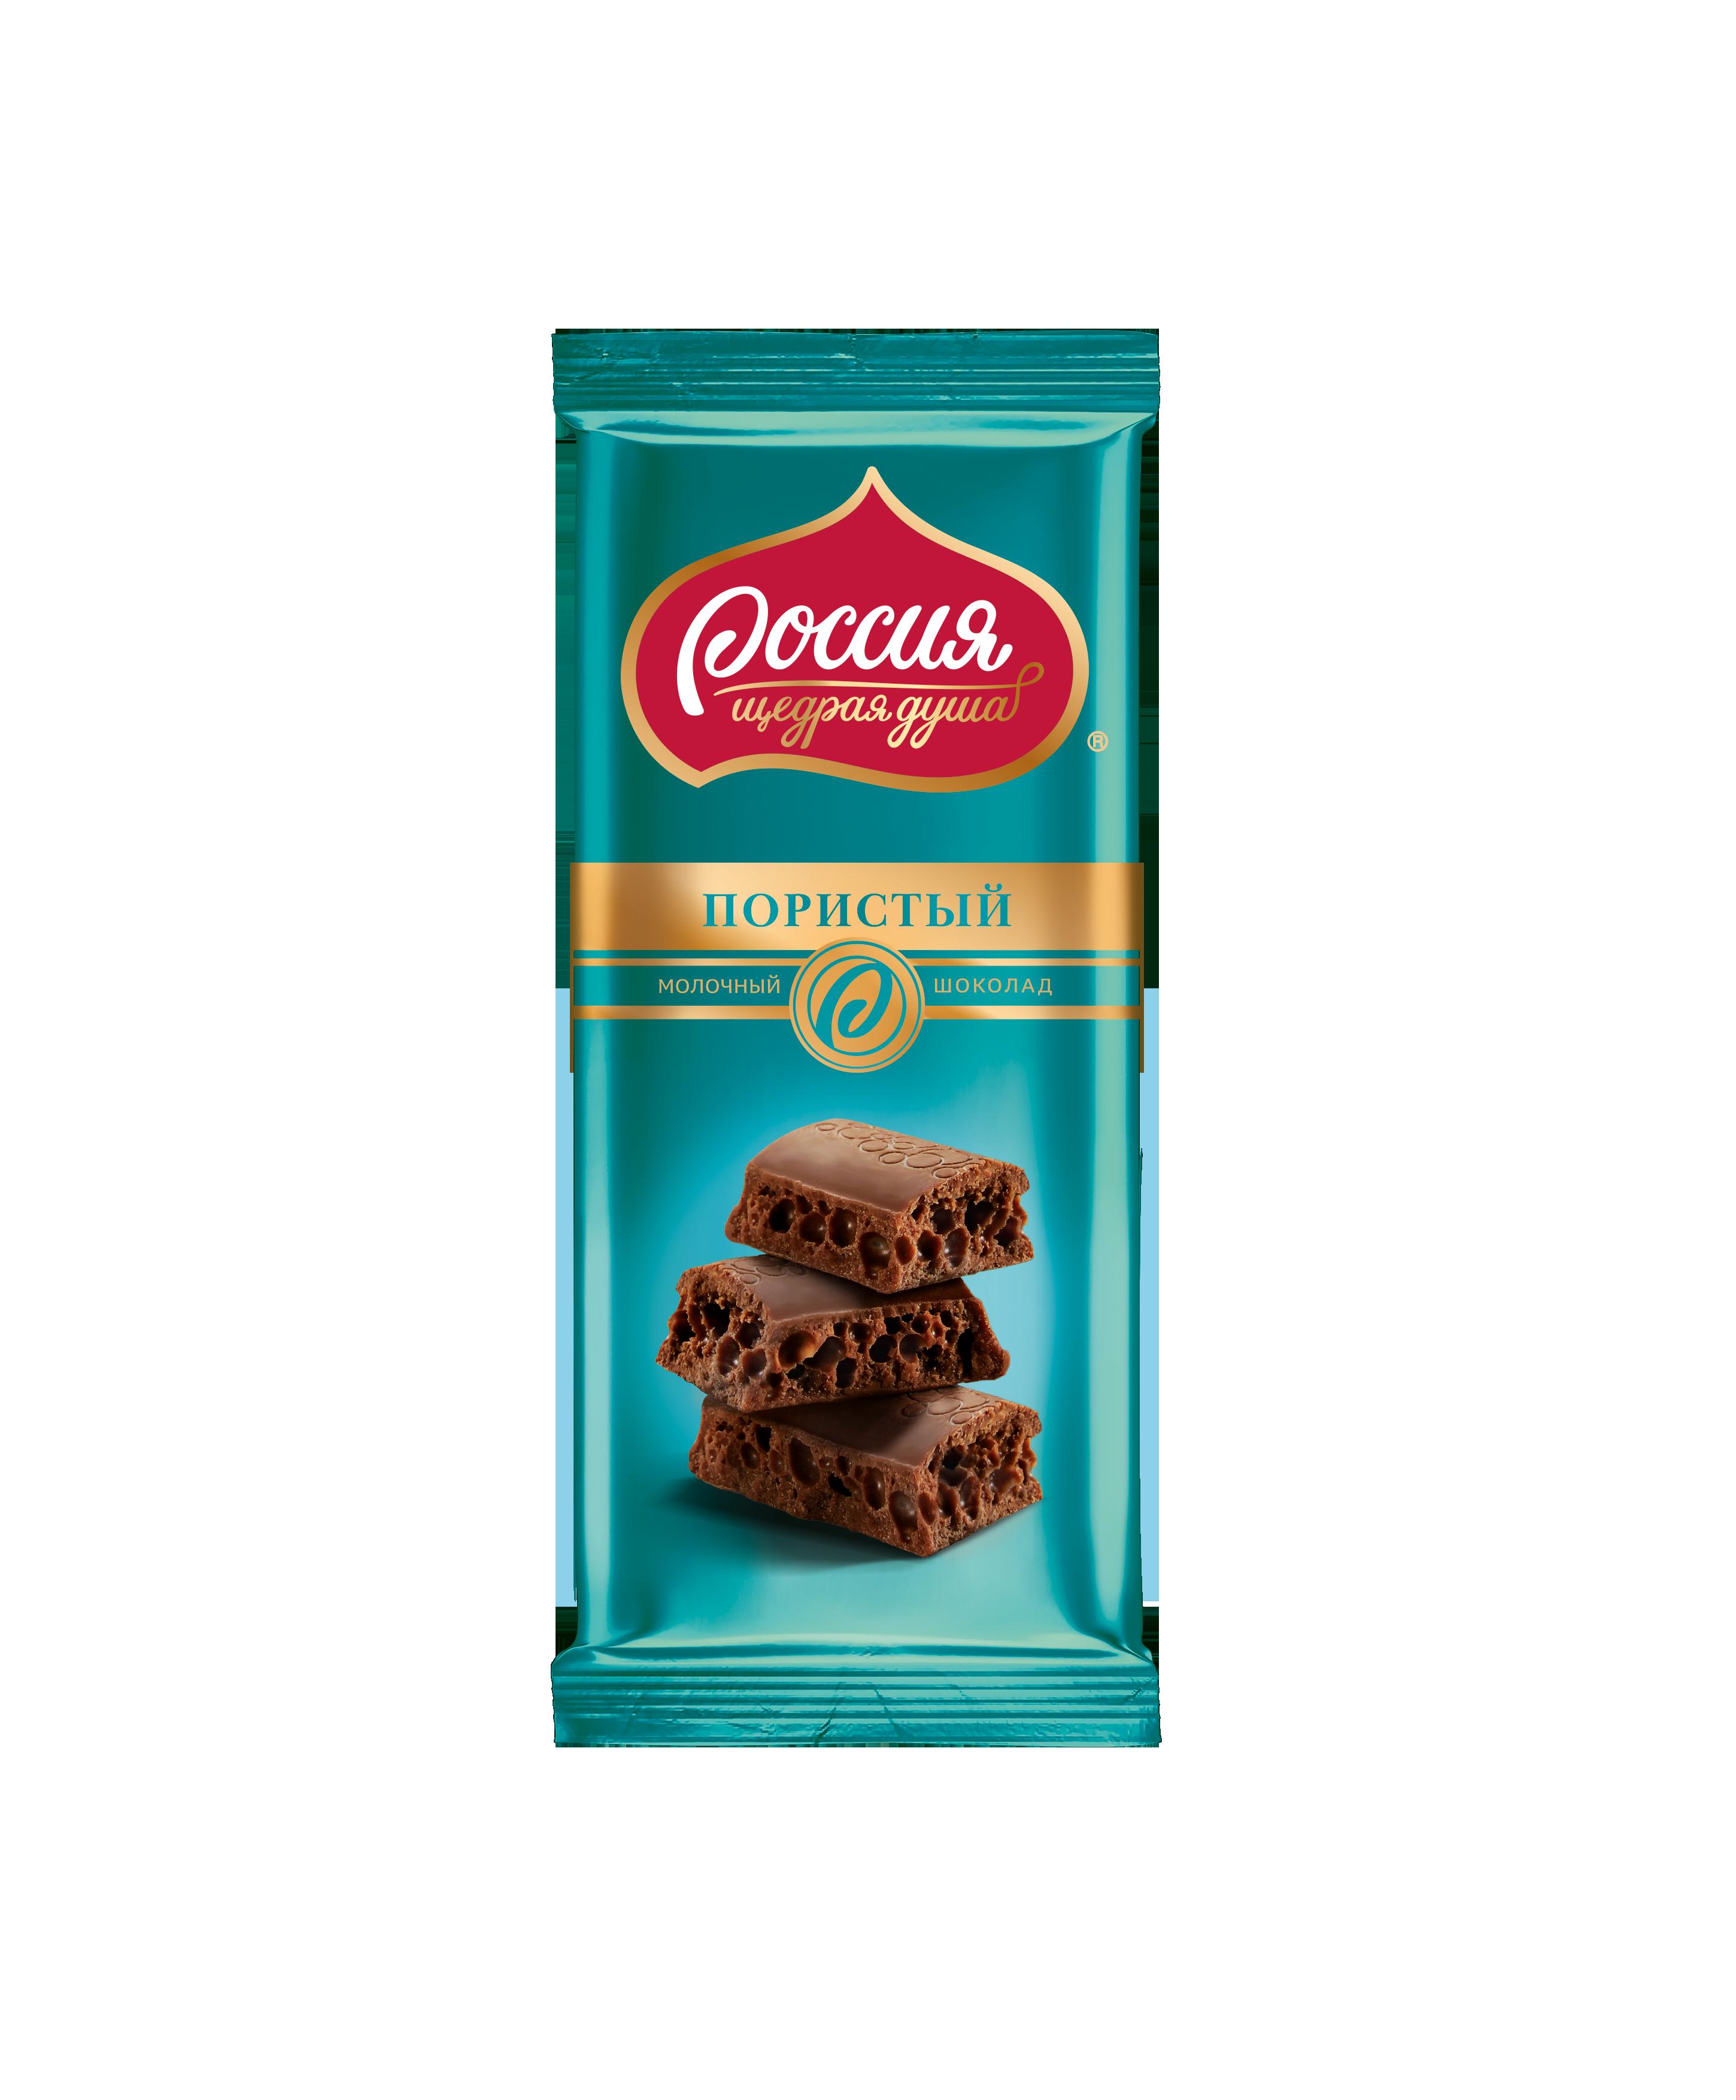 Шоколад Россия молочный пористый 82 г